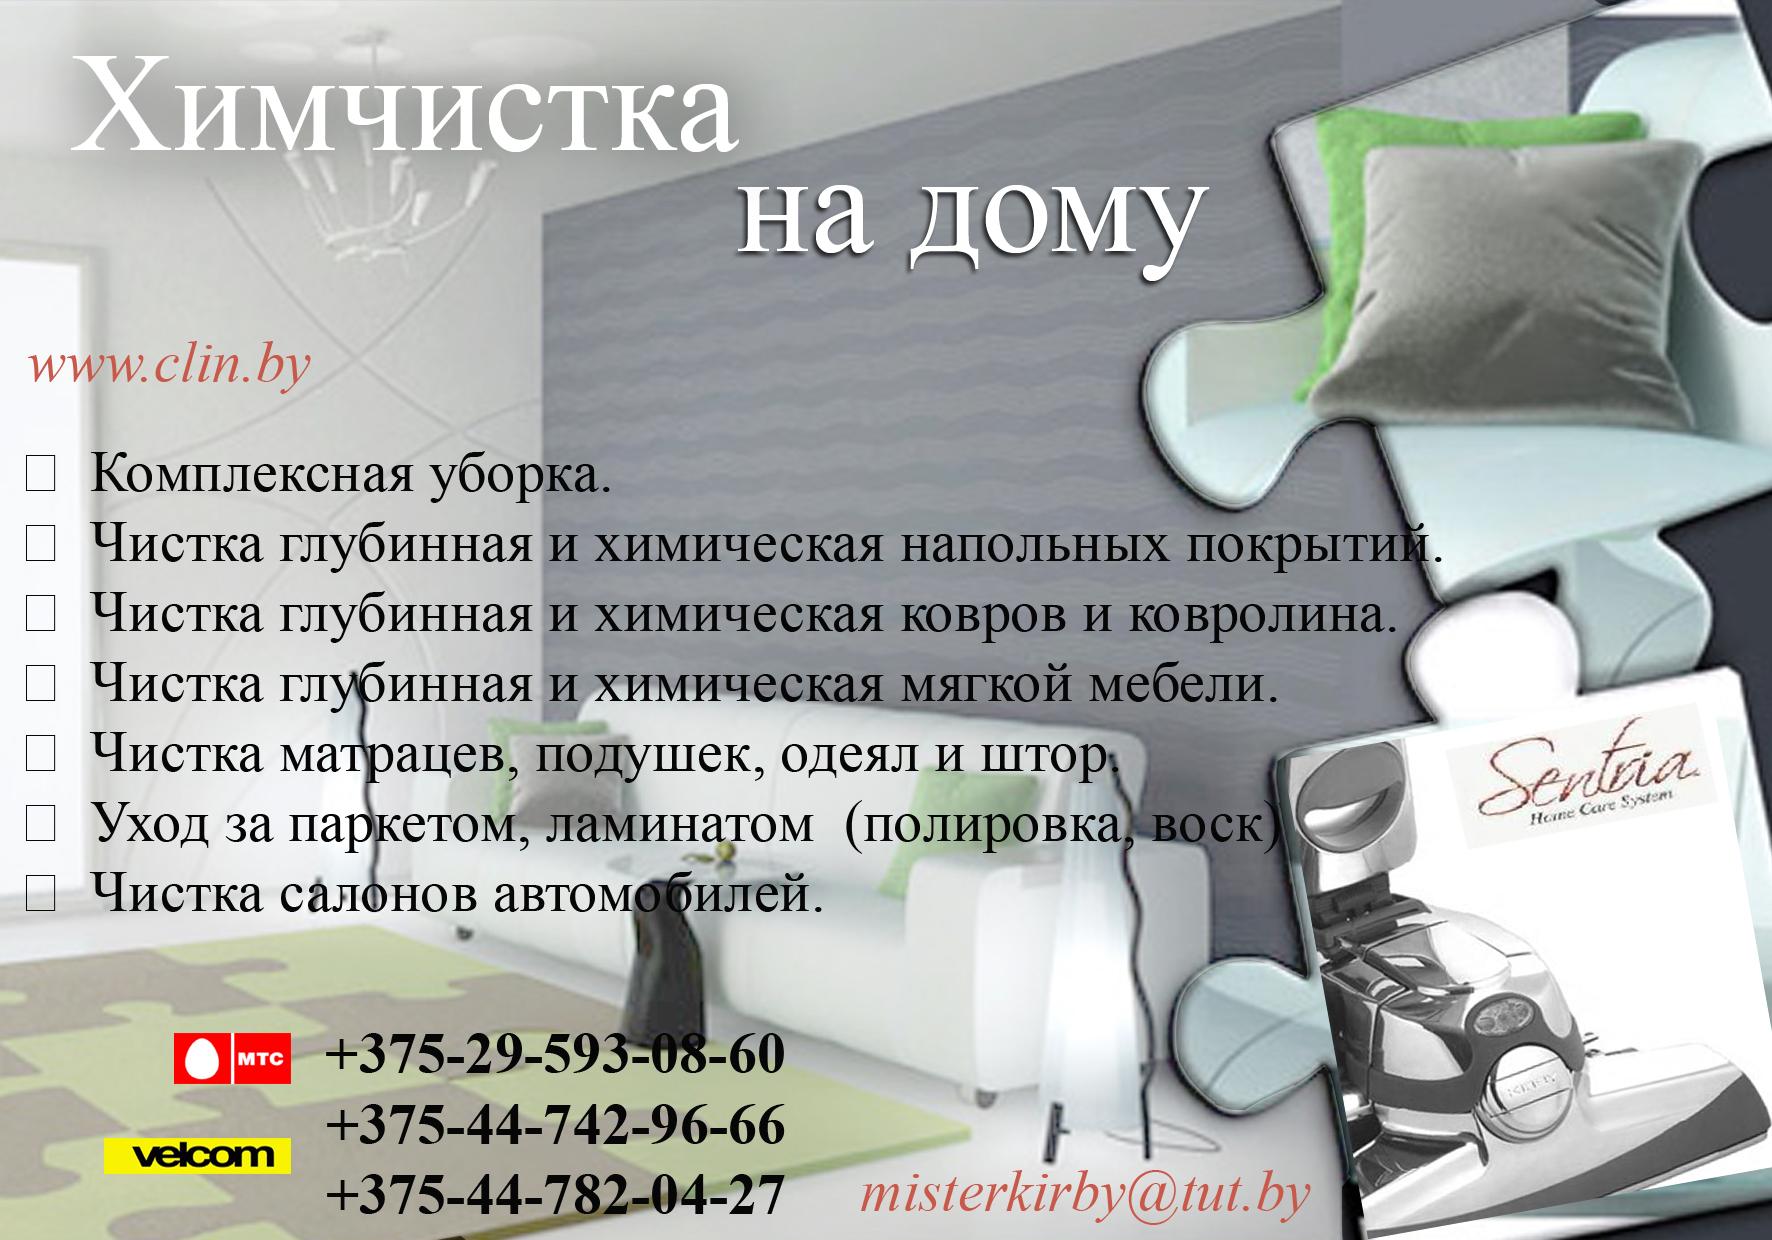 химчистка на дому кожаной мебели Троицк недорого